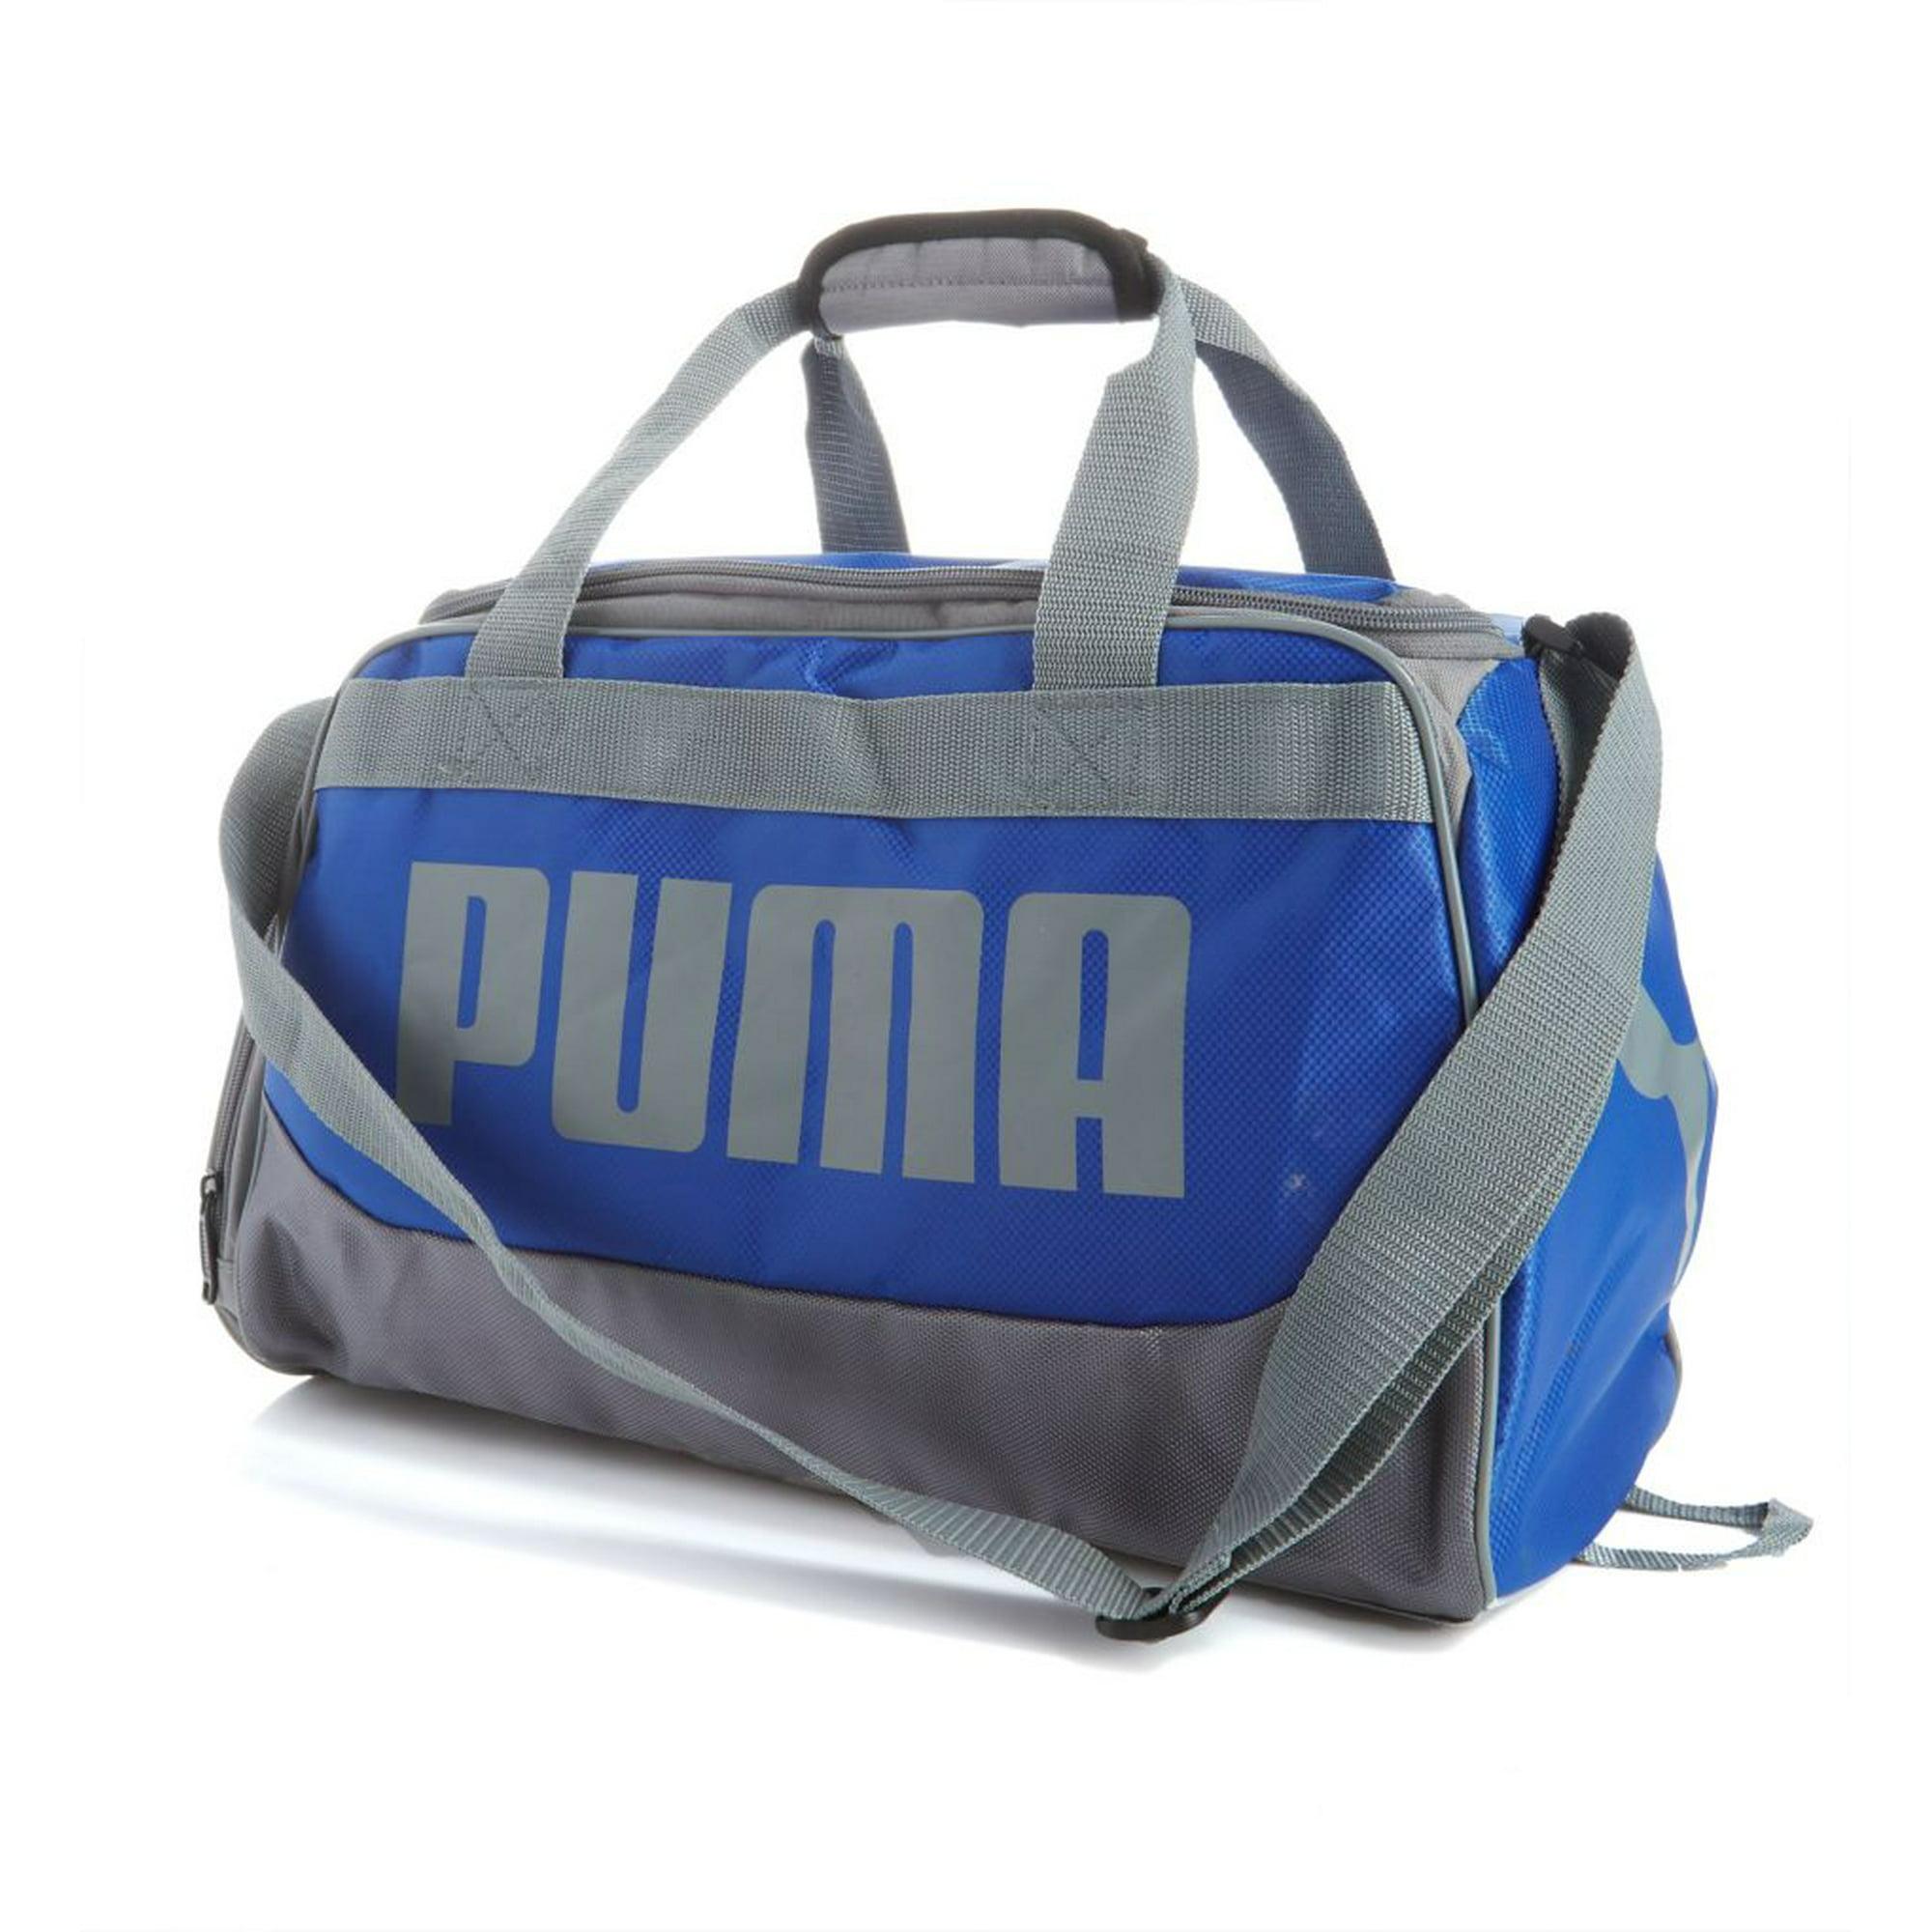 34b9ec826127 Buy Men s Puma PV1456 Transformation 19 Inch Duffel Gym Bag ...